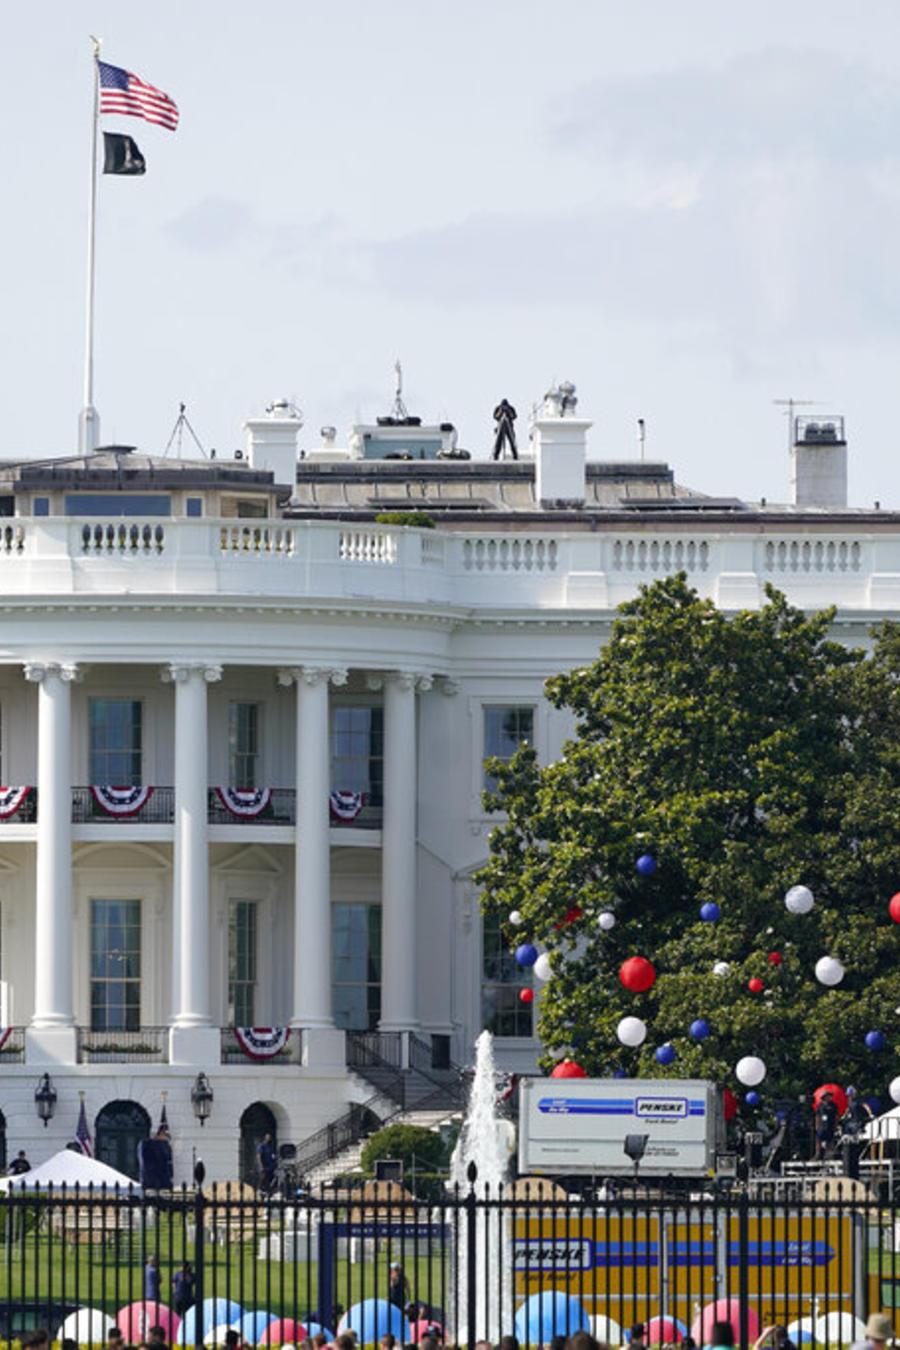 Preparativos para los festejos por el Día de la Independencia en la Casa Blanca